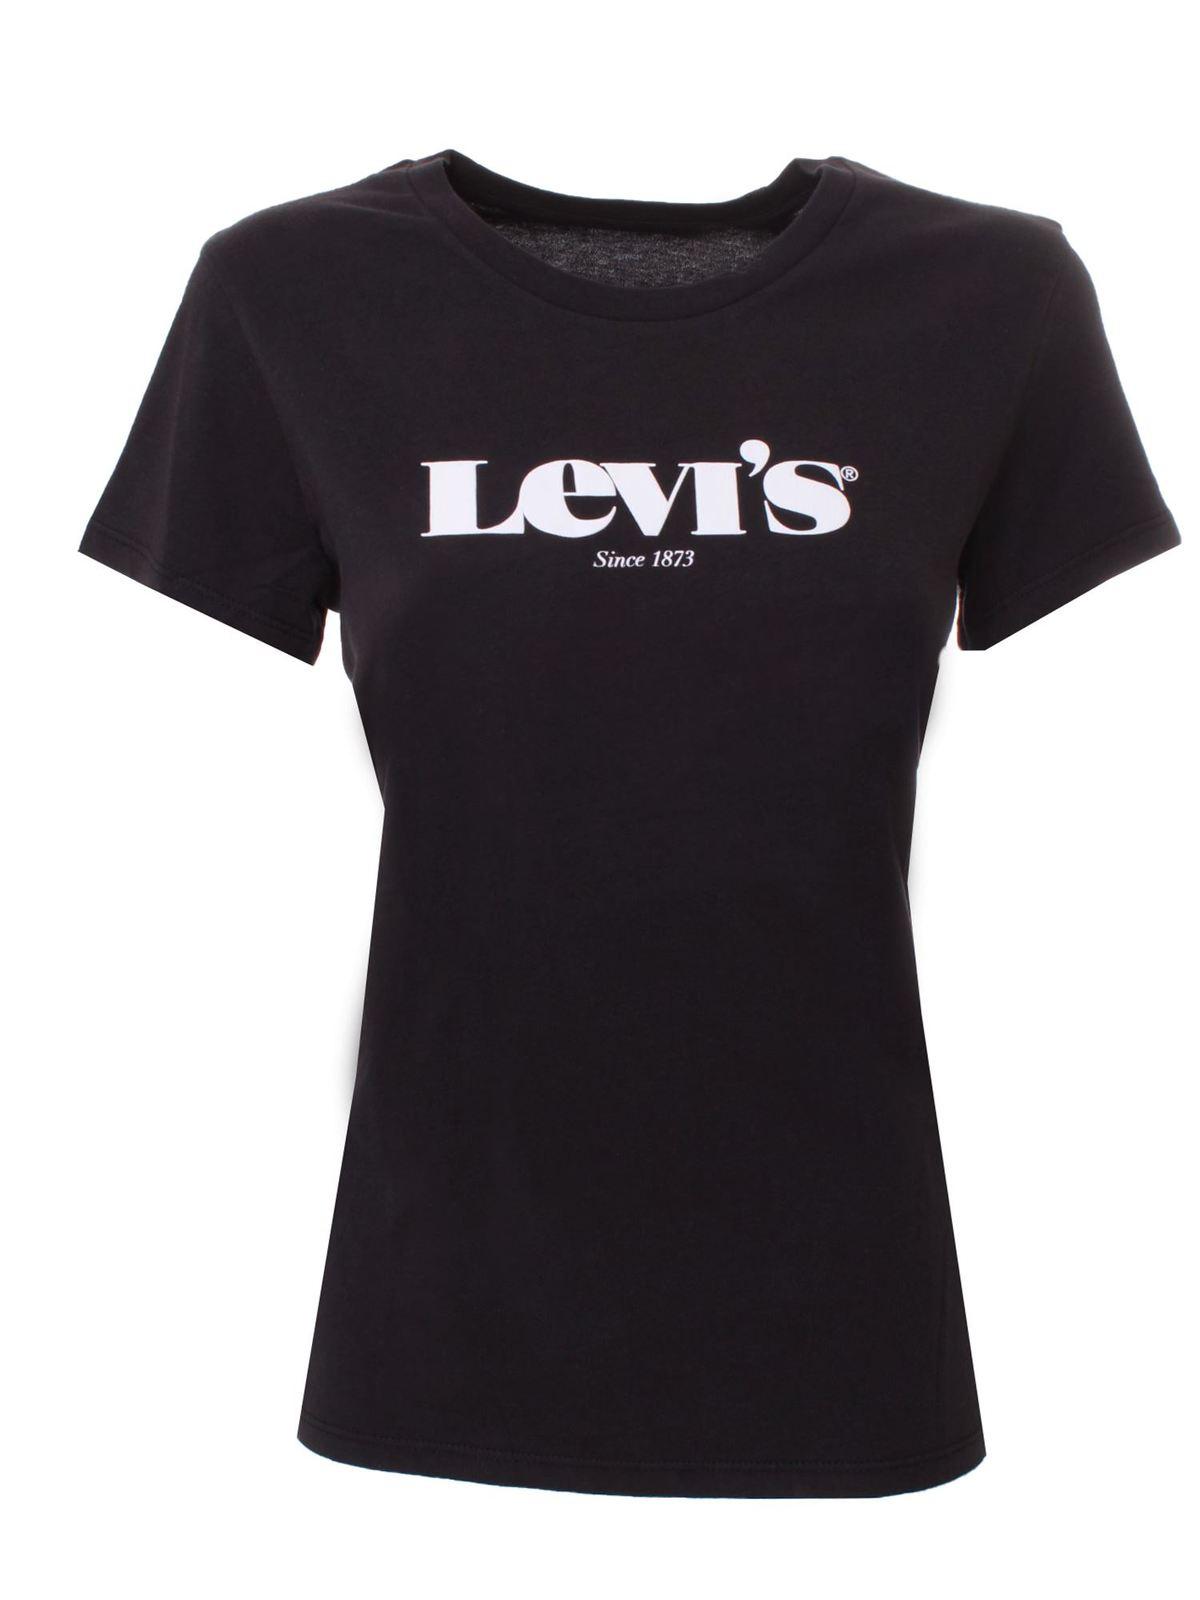 Levi's WHITE LOGO T-SHIRT IN BLACK